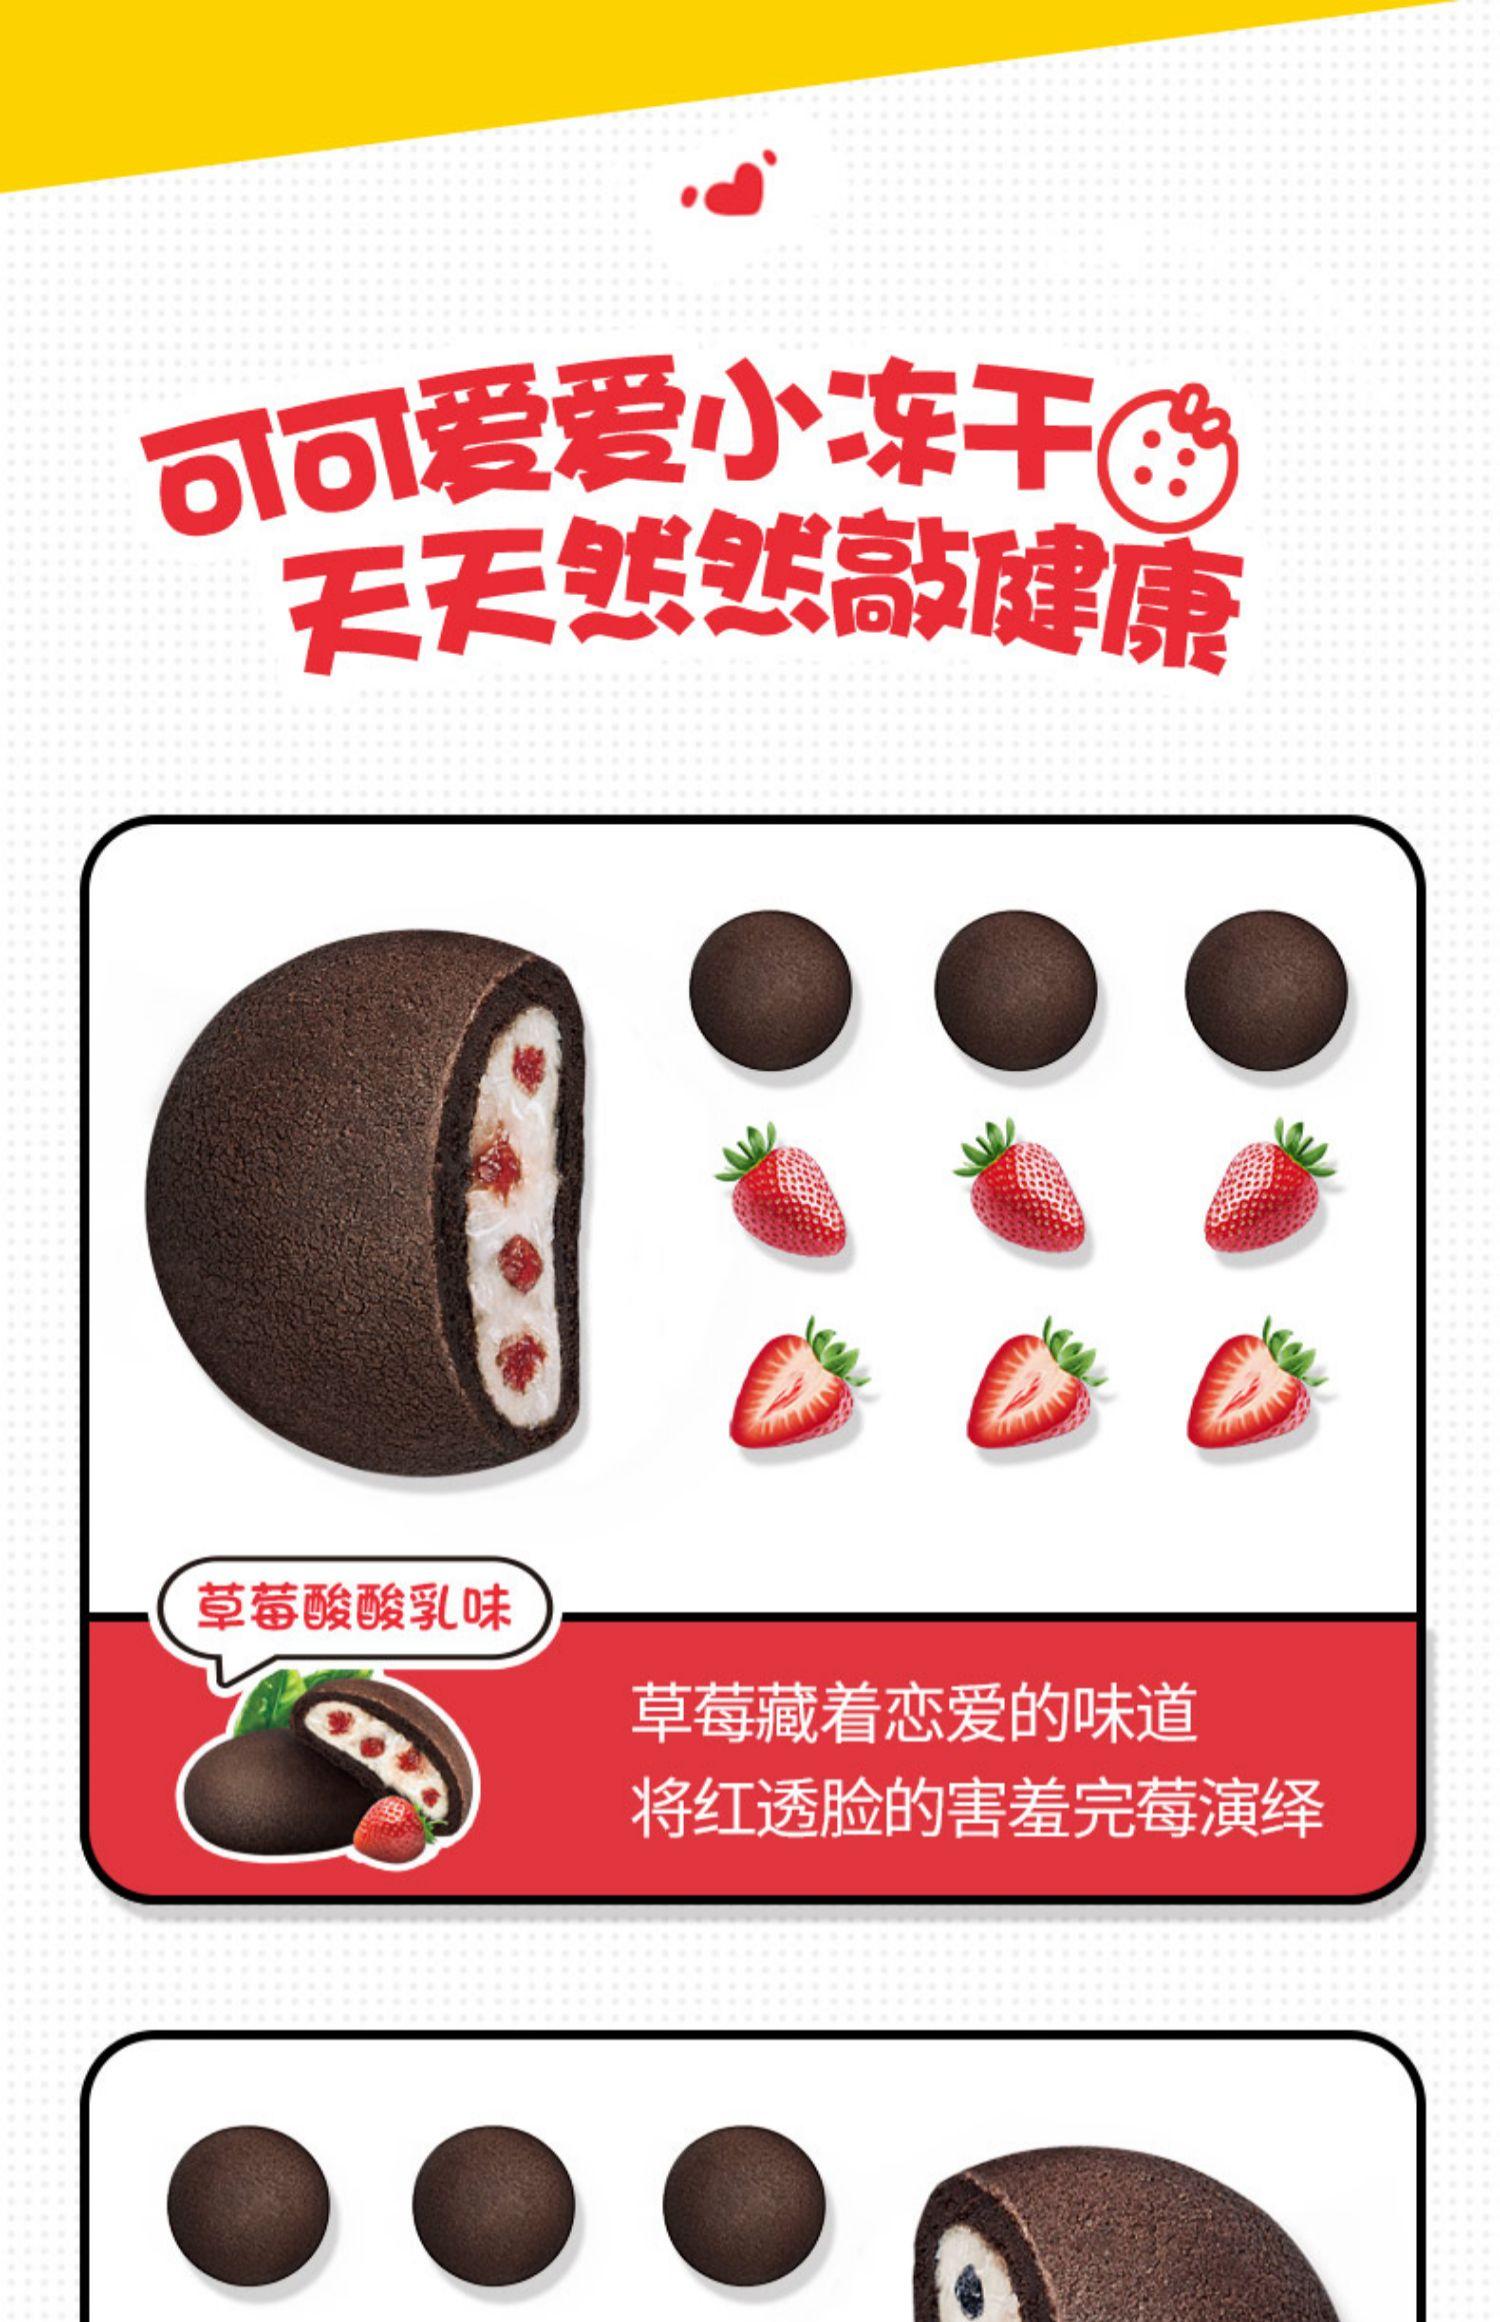 【拍5件】莎布蕾夹心曲奇饼干5袋